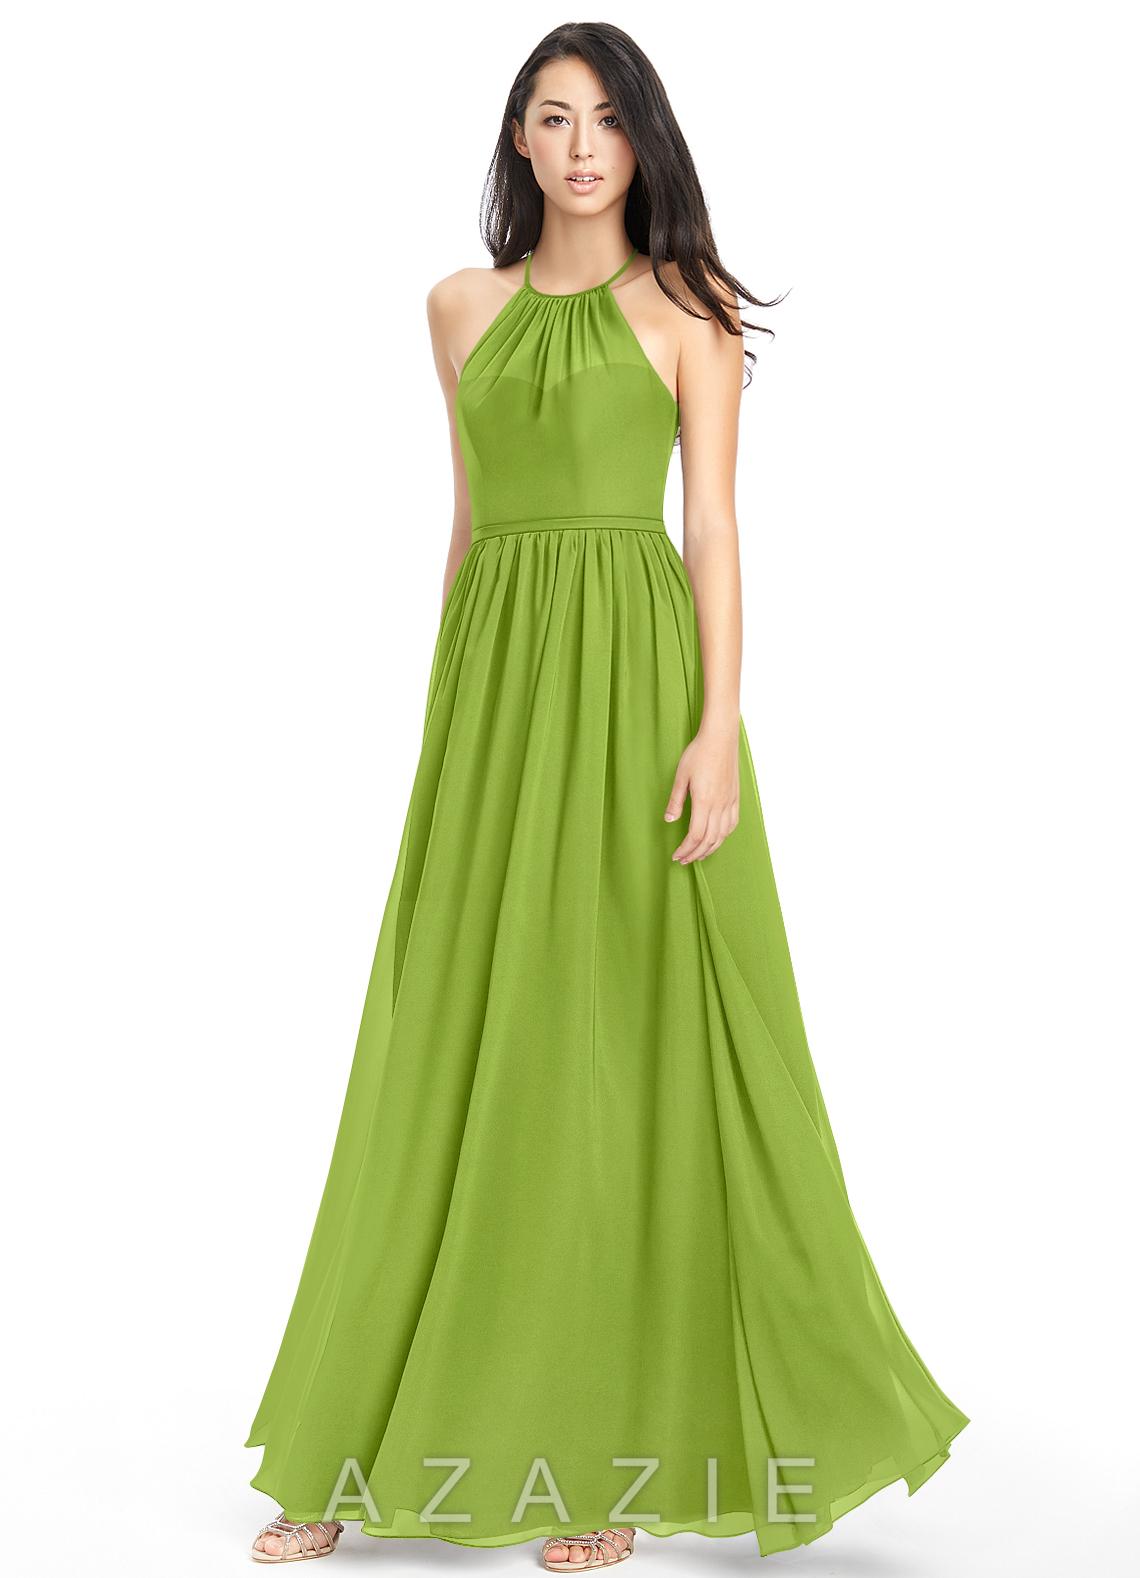 Clover bridesmaid dresses clover gowns azazie azazie kailyn azazie kailyn ombrellifo Images